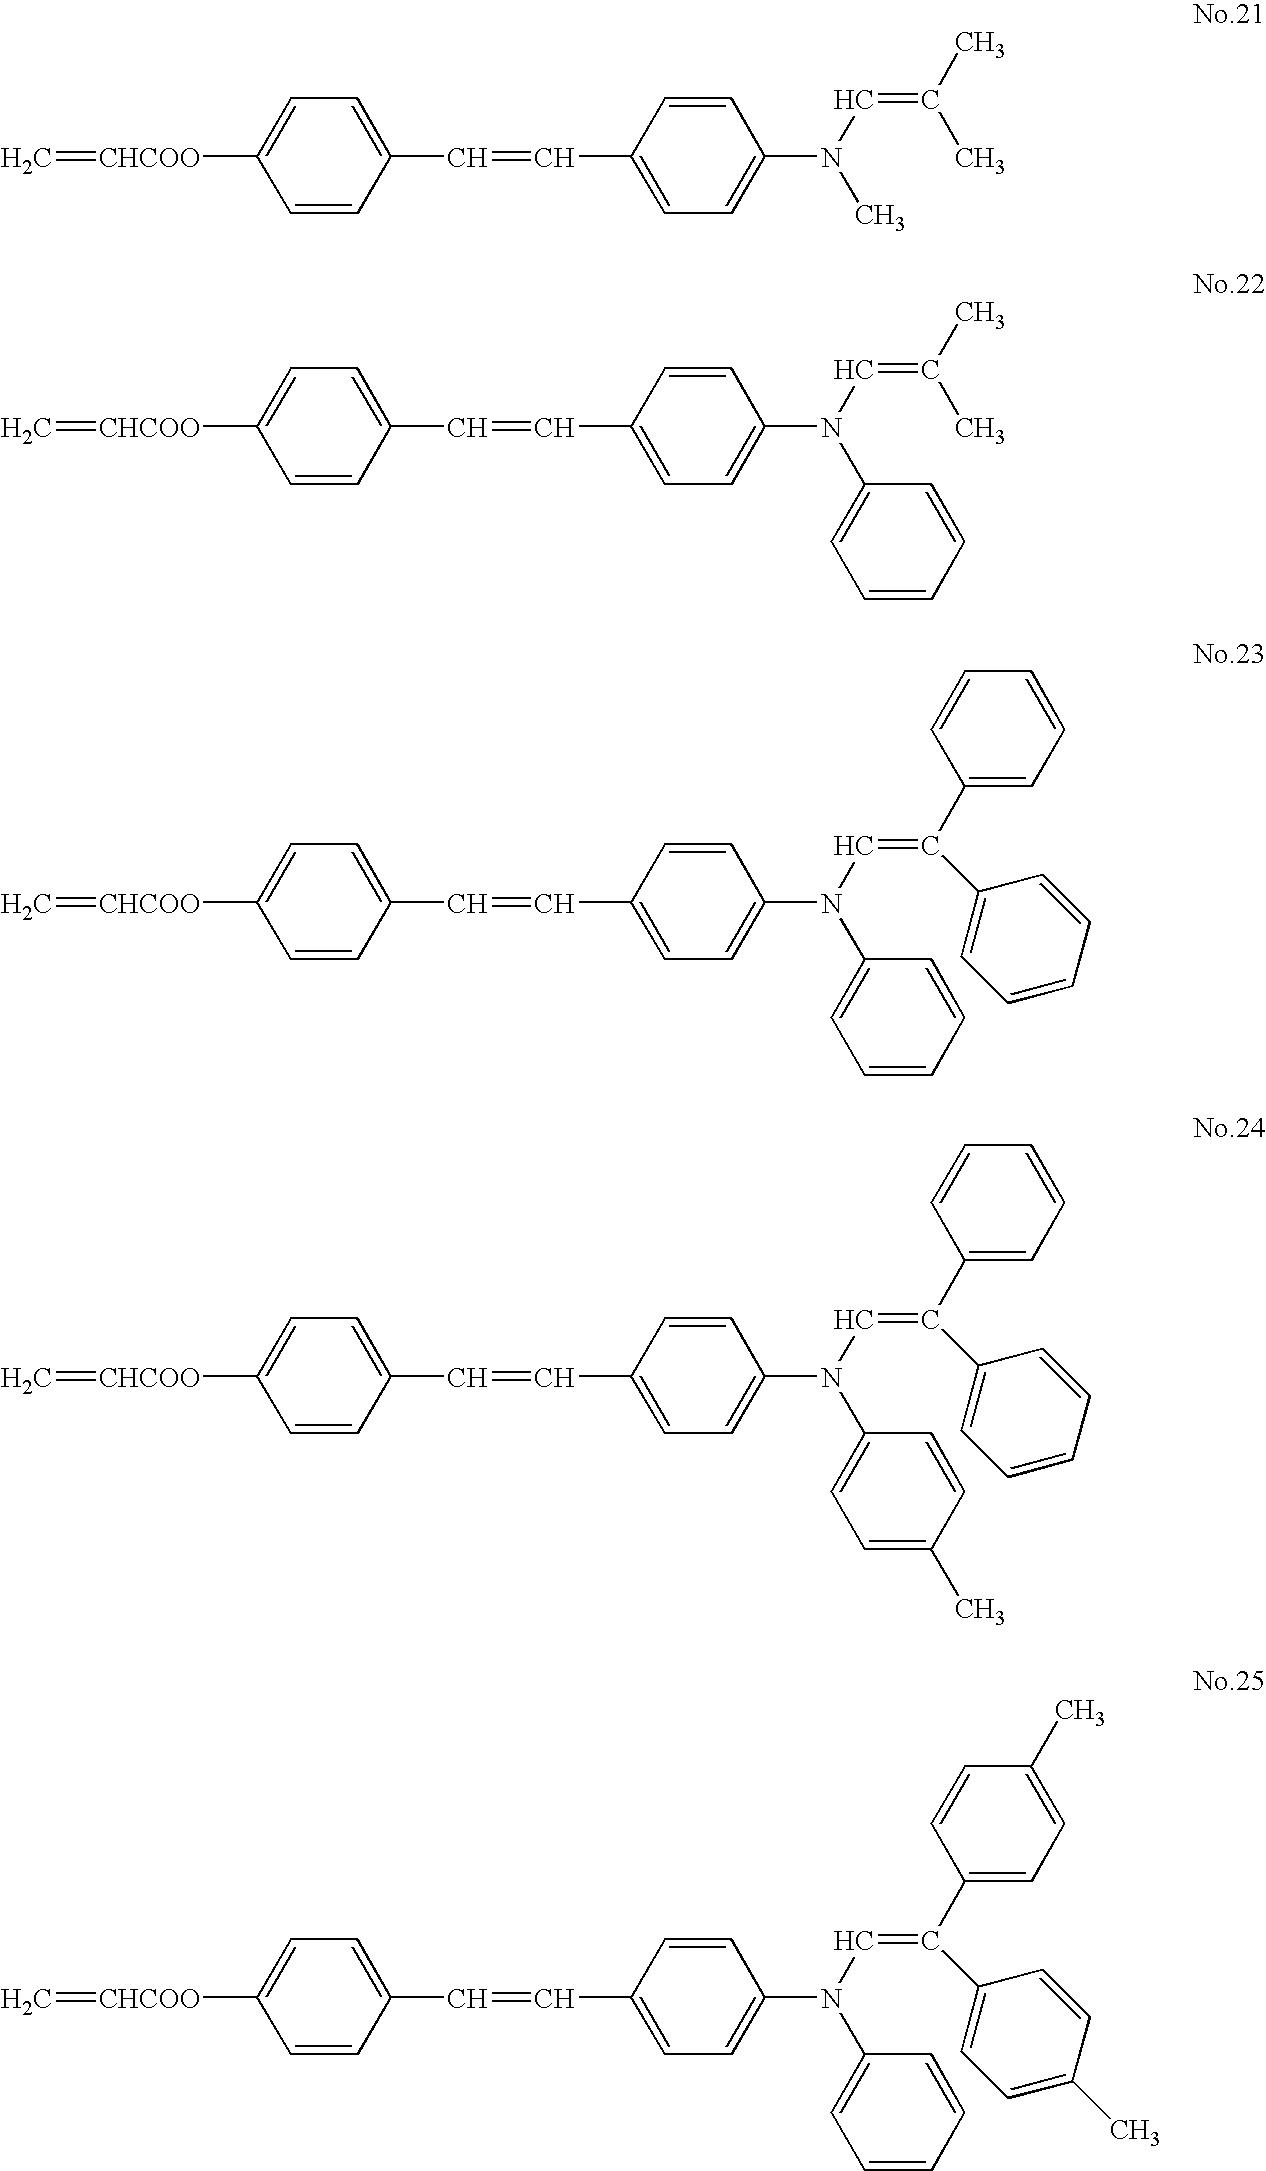 Figure US20060078809A1-20060413-C00010